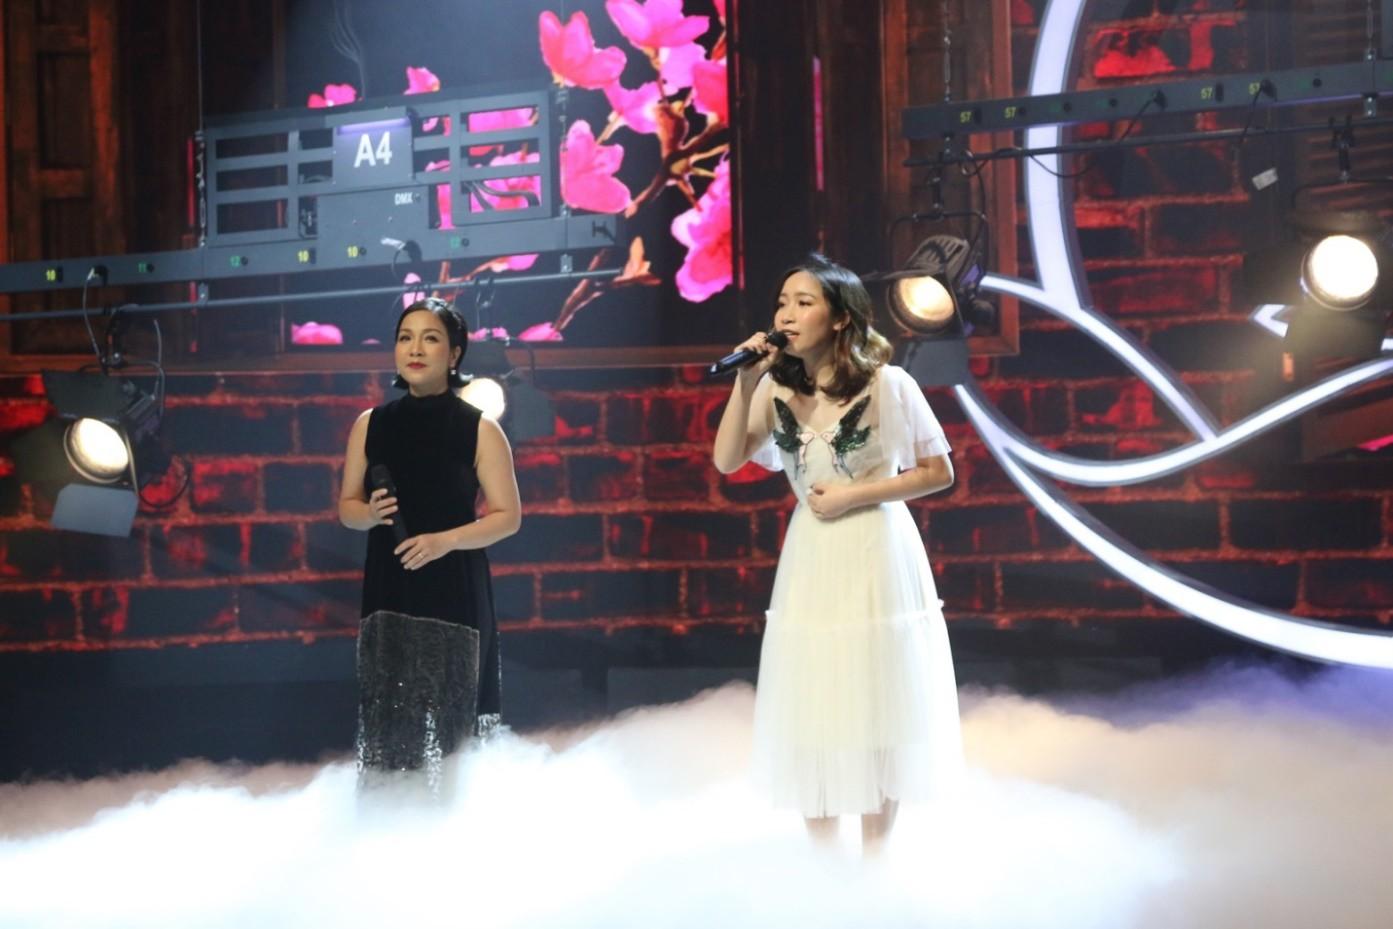 """Văn Mai Hương hóa nàng thơ với áo dài trắng tinh khôi trên sân khấu Gala""""Cặp lá yêu thương – Tết An Bình"""" - Ảnh 4."""